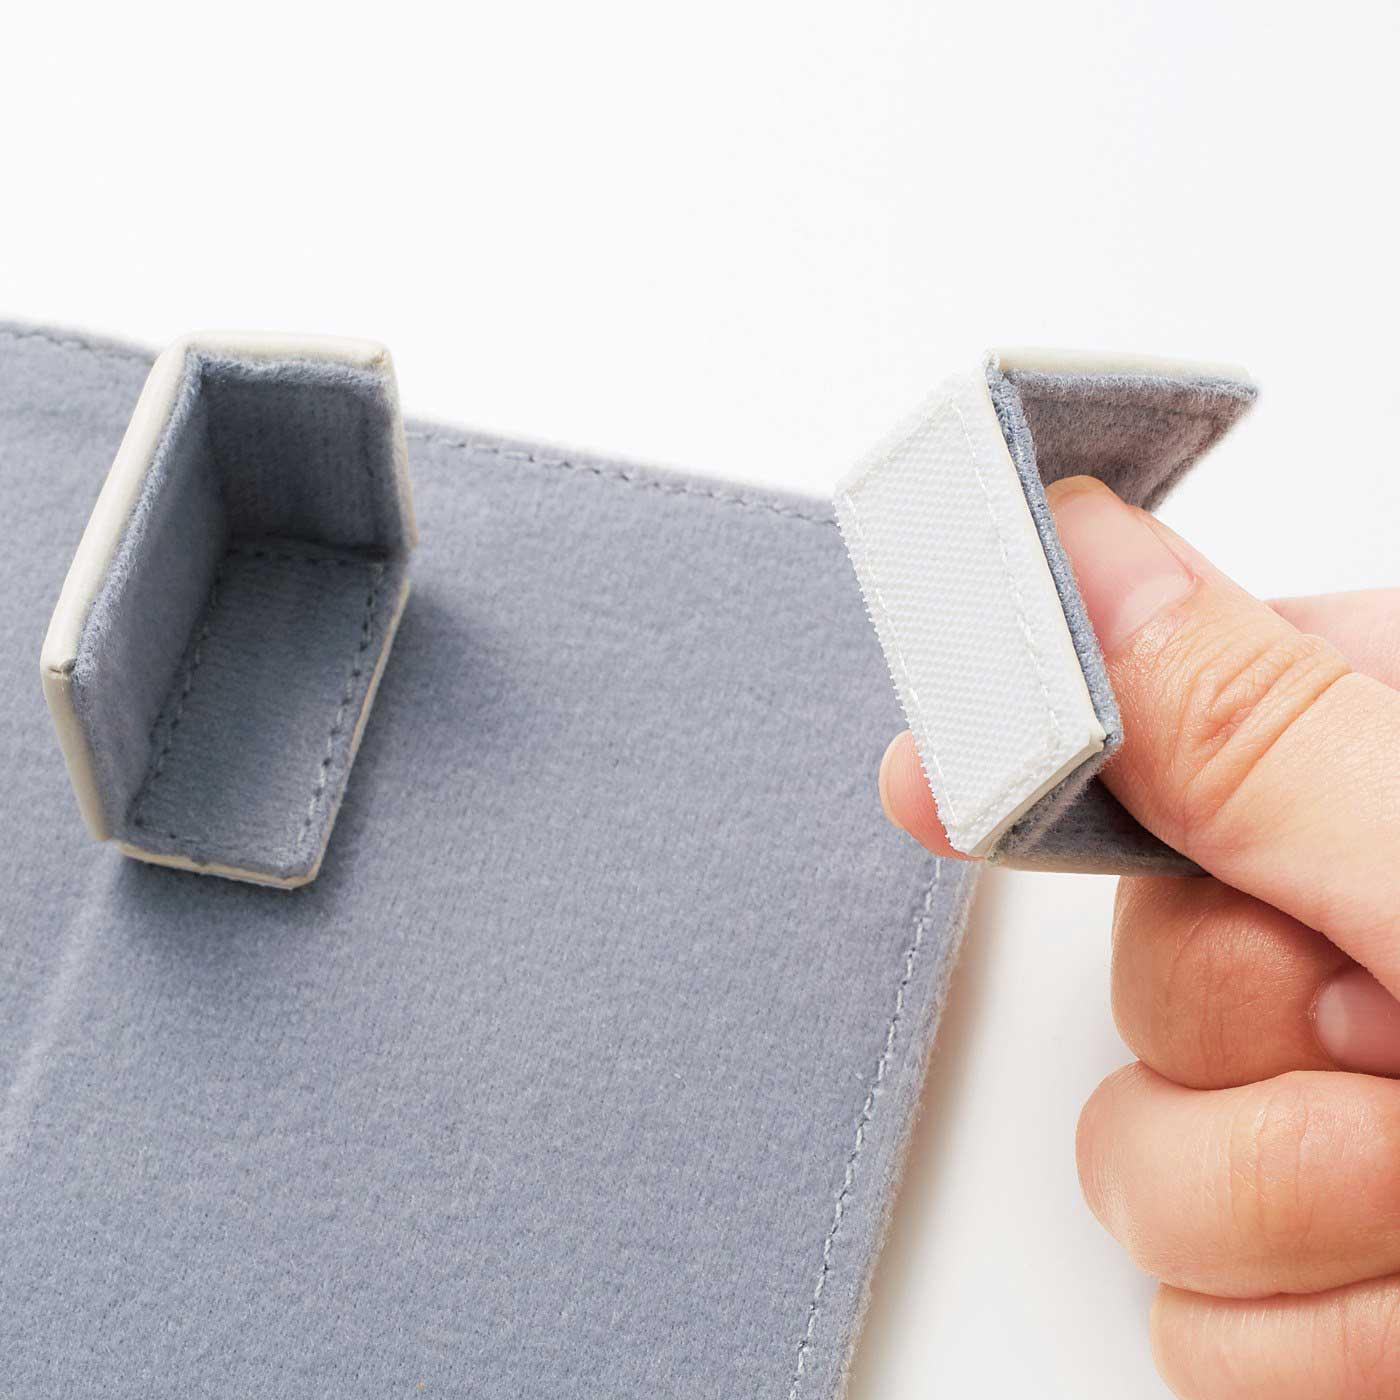 上部のパーツは、面ファスナーで自由な位置に固定可能。お手持ちのリモコンにジャストフィット。 ※写真は色違いのホワイトです。